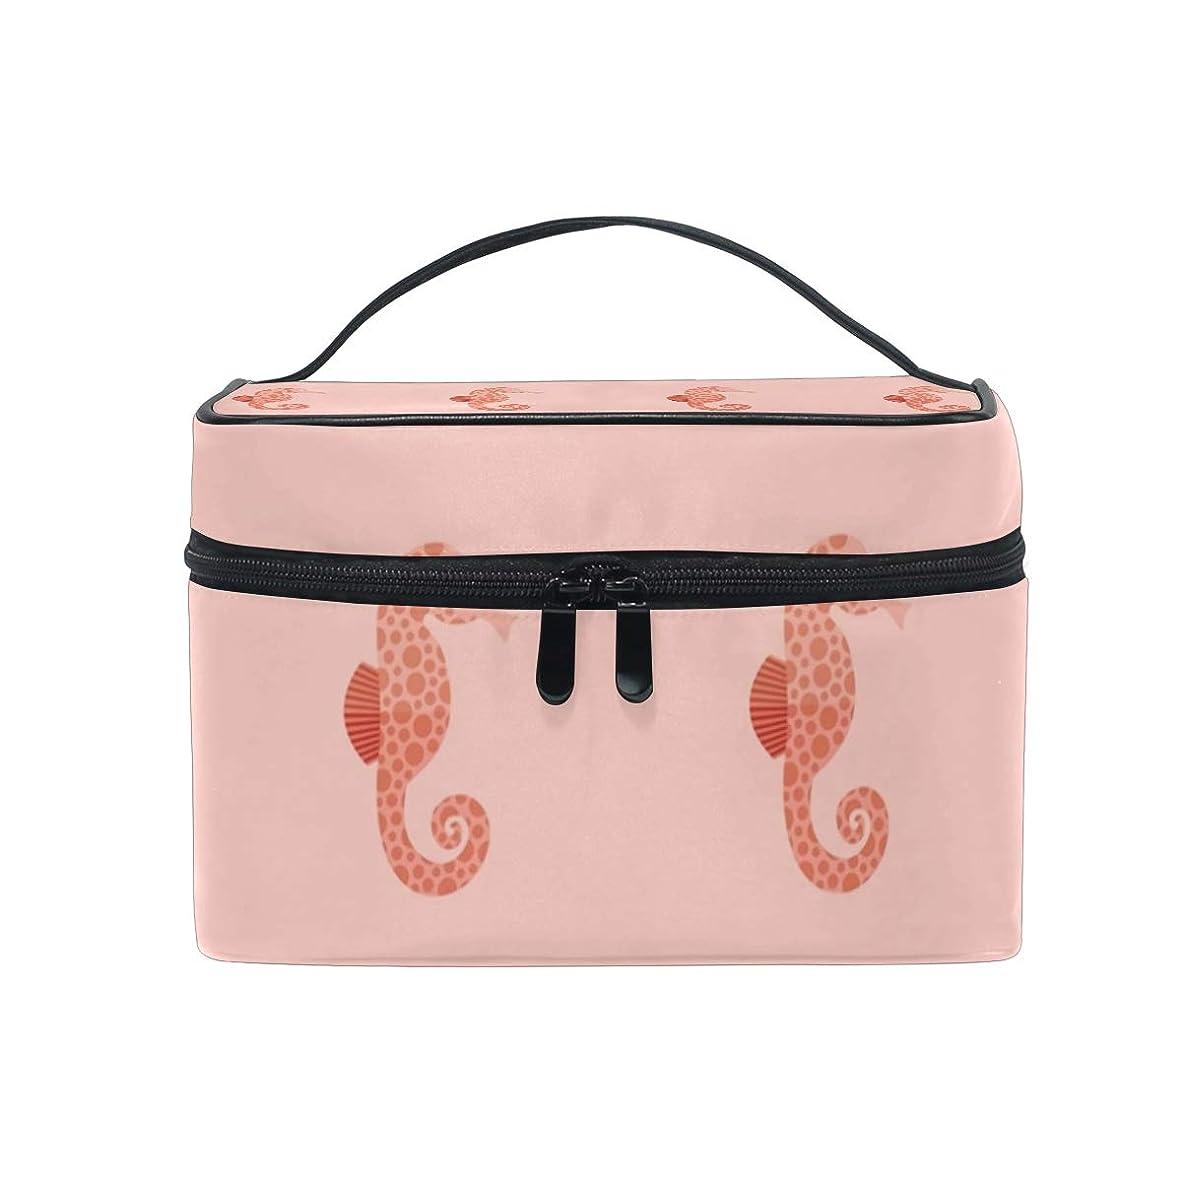 極めて簡潔なバストメイクボックス シホルズ動物海洋柄 化粧ポーチ 化粧品 化粧道具 小物入れ メイクブラシバッグ 大容量 旅行用 収納ケース